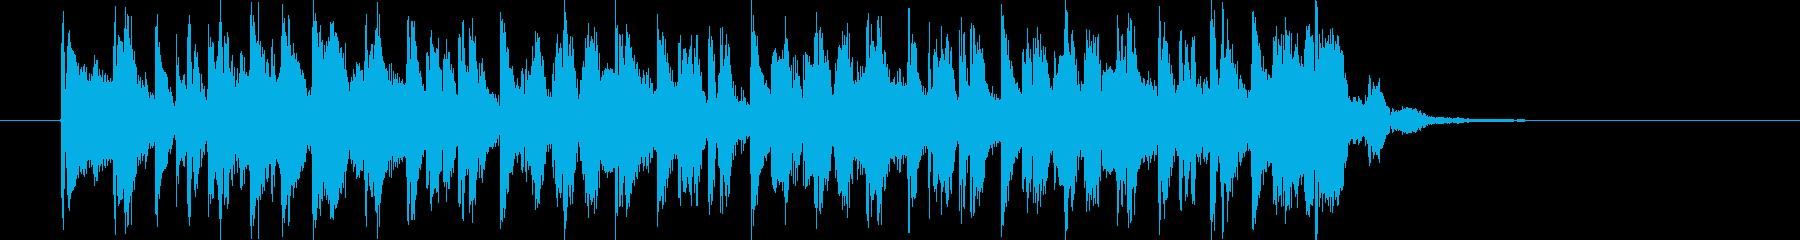 ノリの良いヒップホップナンバーの再生済みの波形